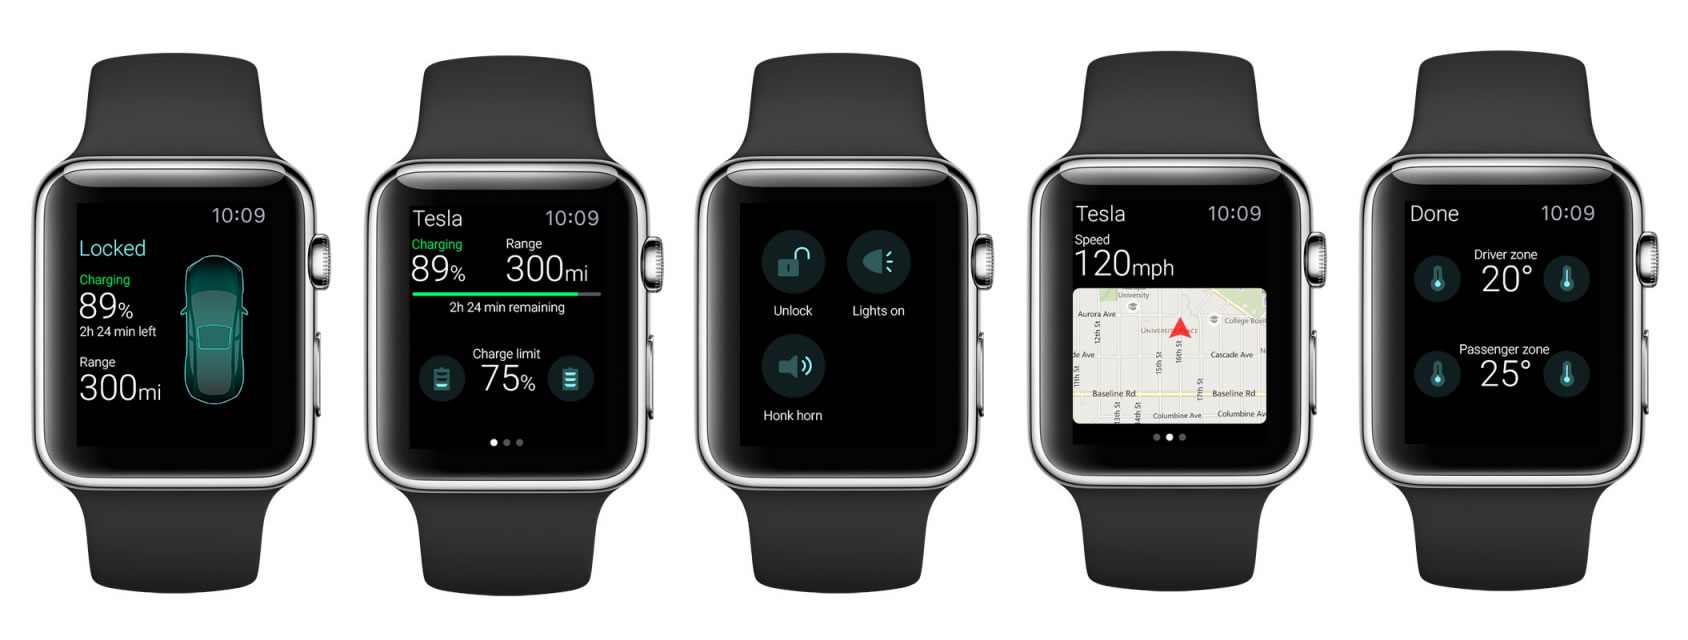 Con la App de Eleks Labs podrías saber la ubicación e incluso la temperatura del Tesla S.